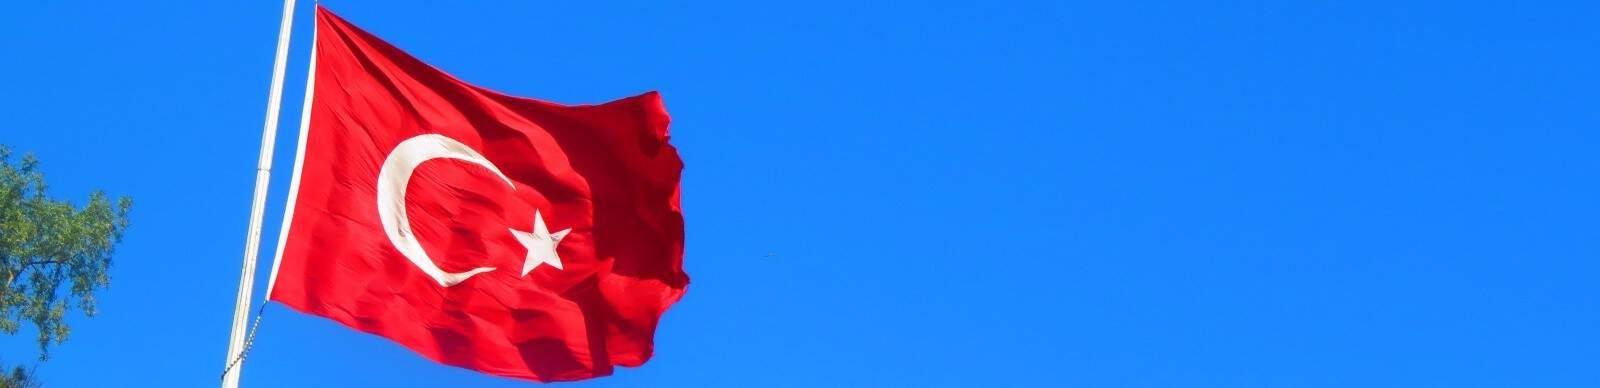 Bandera de Turquía con cielo azul